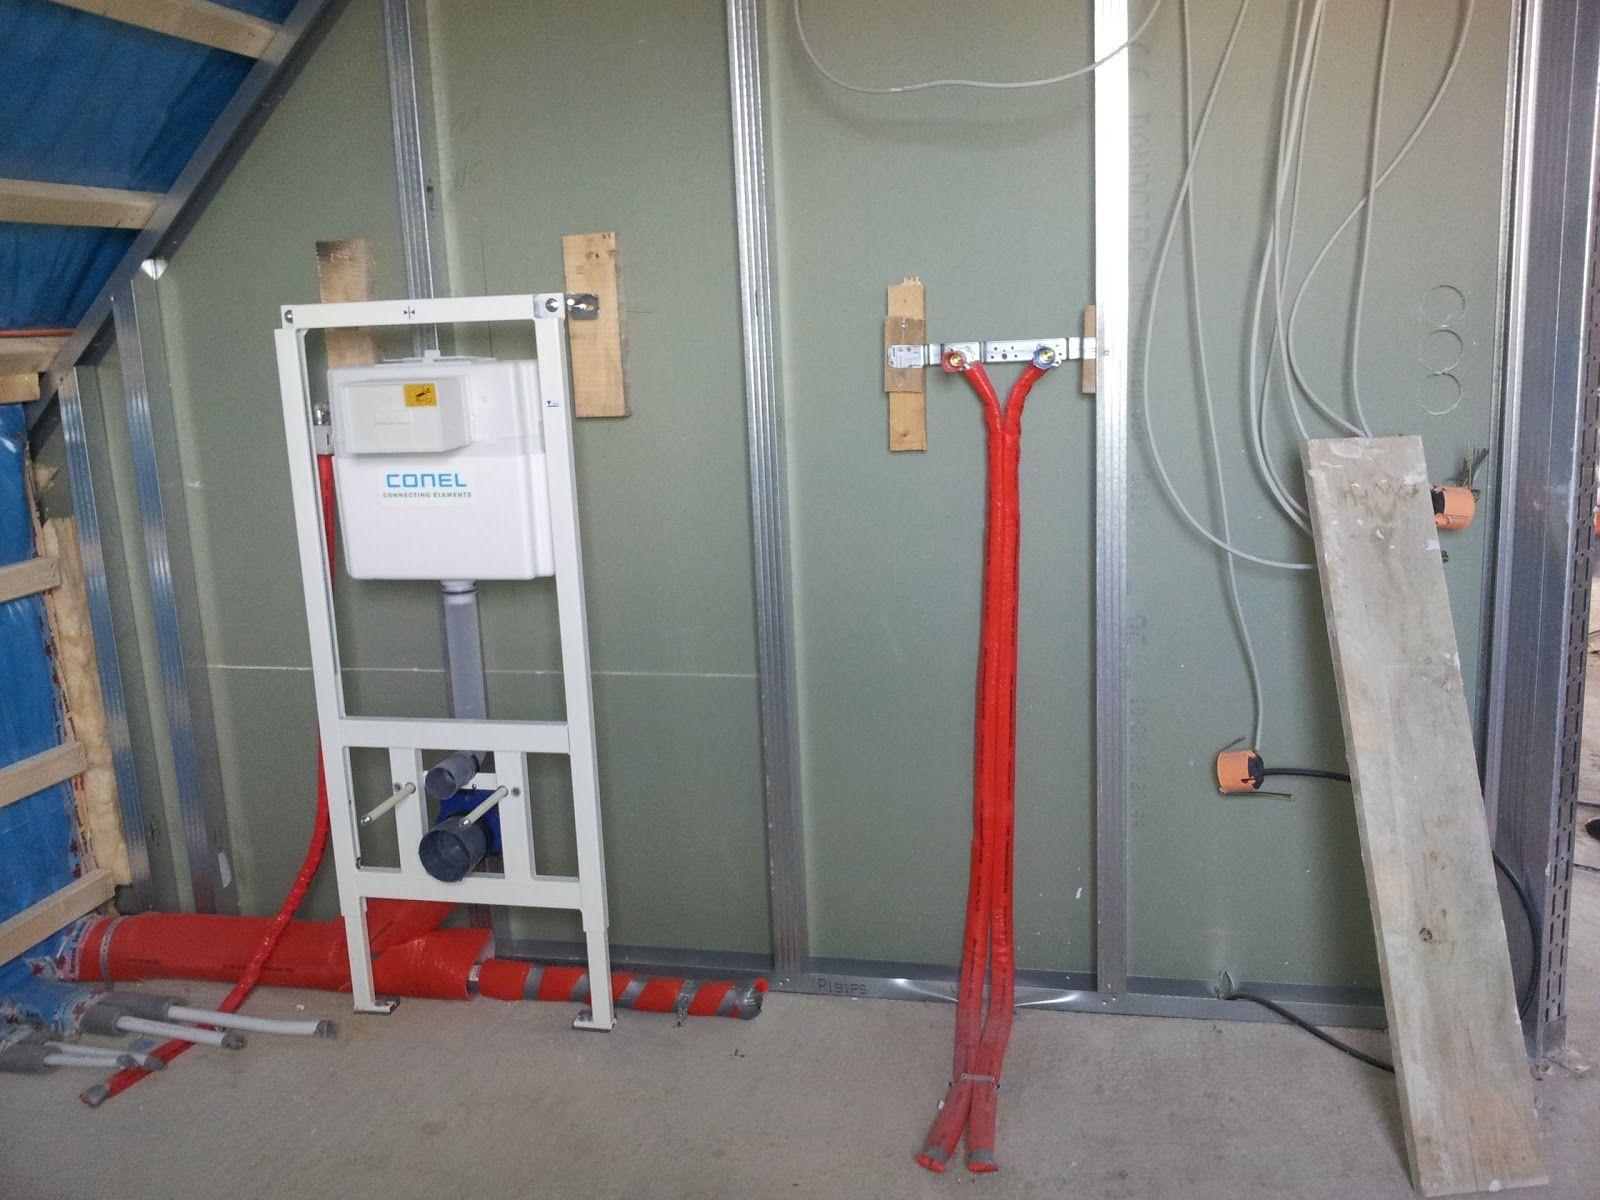 Trockenbau Dachgeschoss Badezimmer2 Jpg 1600 1200 Trockenbau Badezimmer Trockenbau Badezimmer